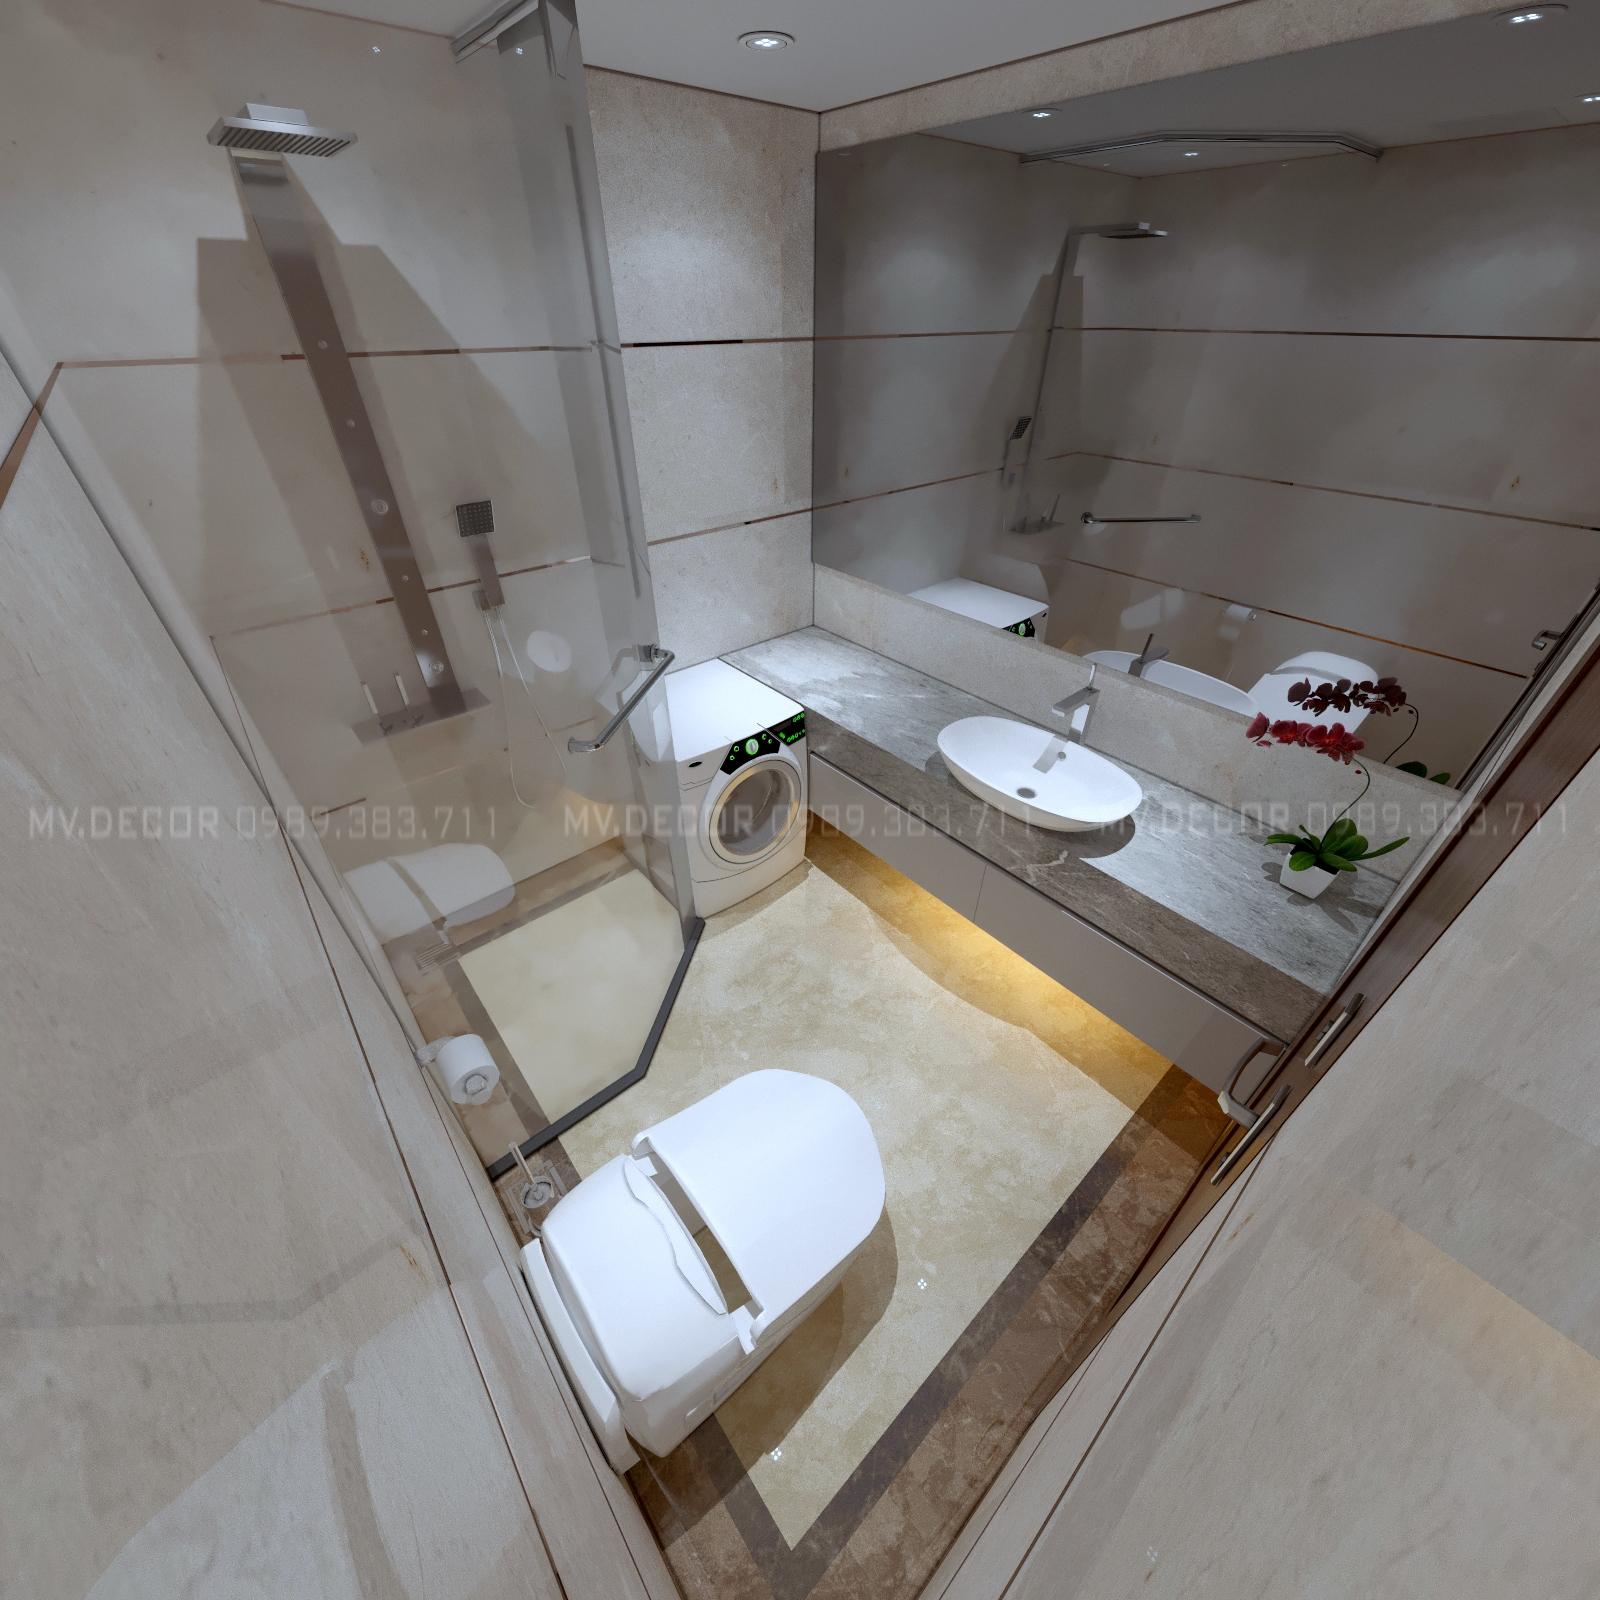 thiết kế nội thất chung cư tại Hà Nội duplex tân hoàng minh hoàng cầu 23 1550072062